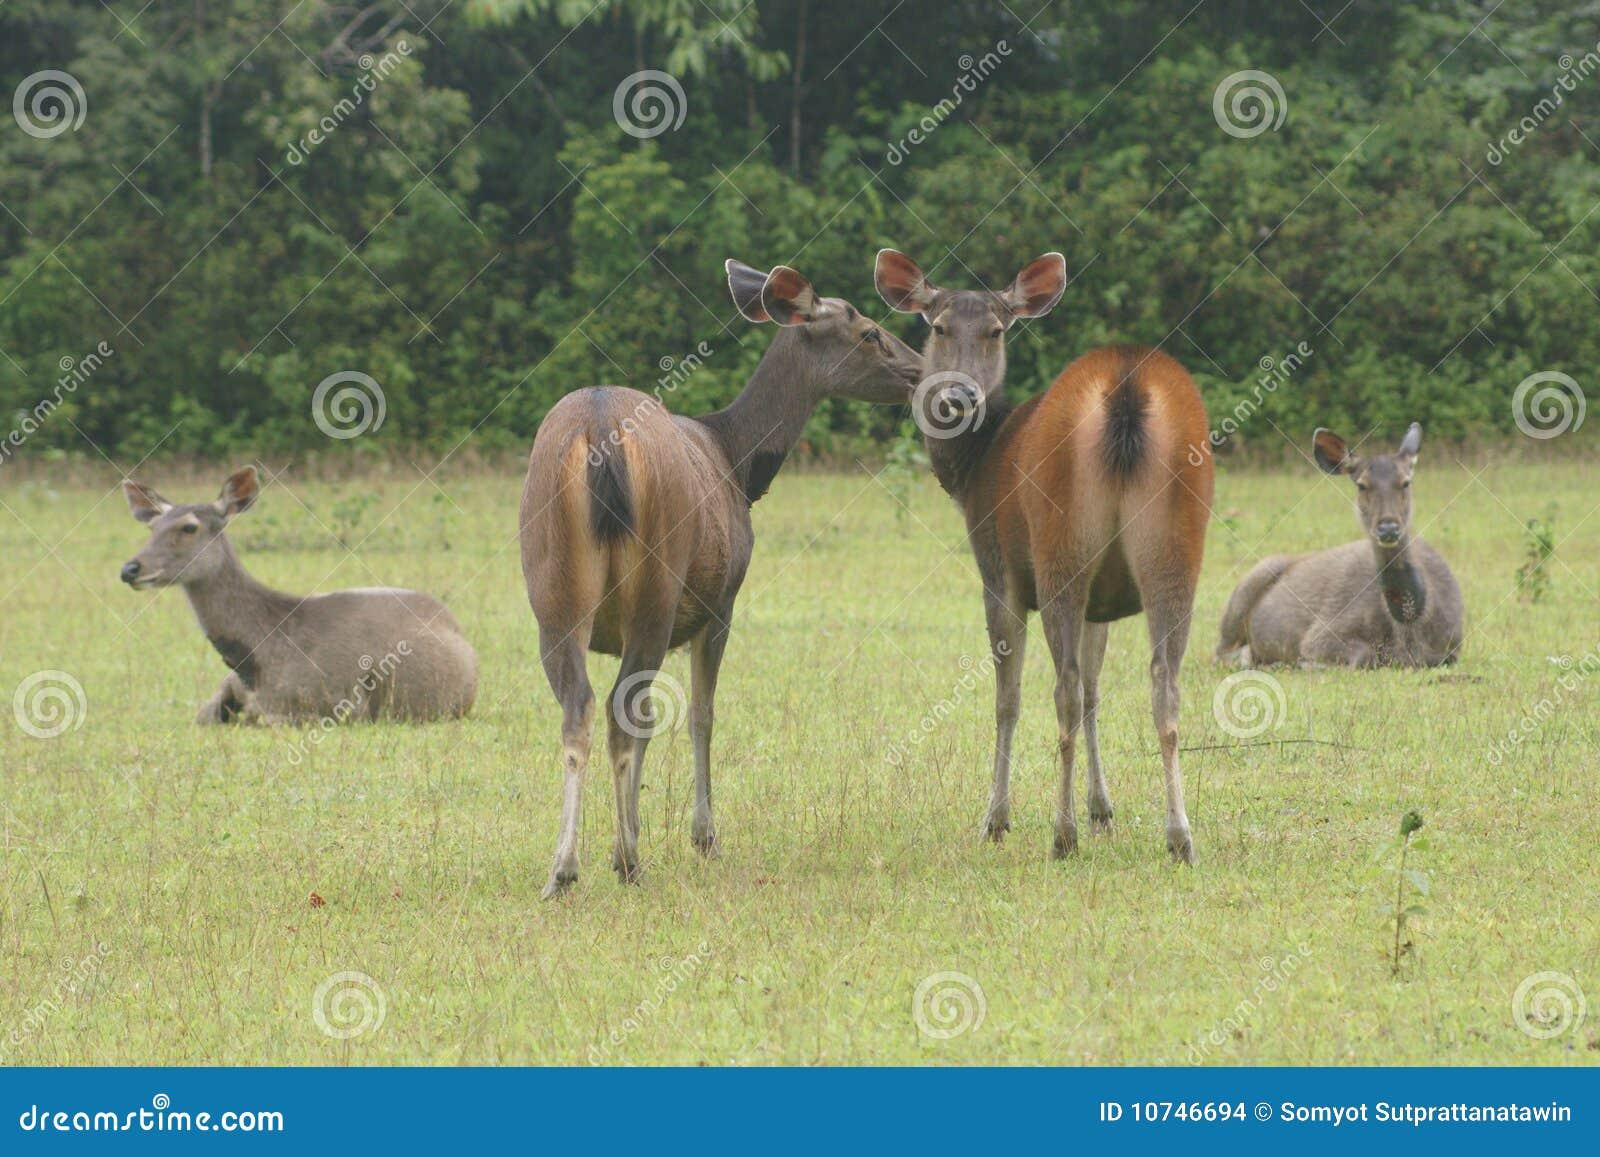 Deers in nature